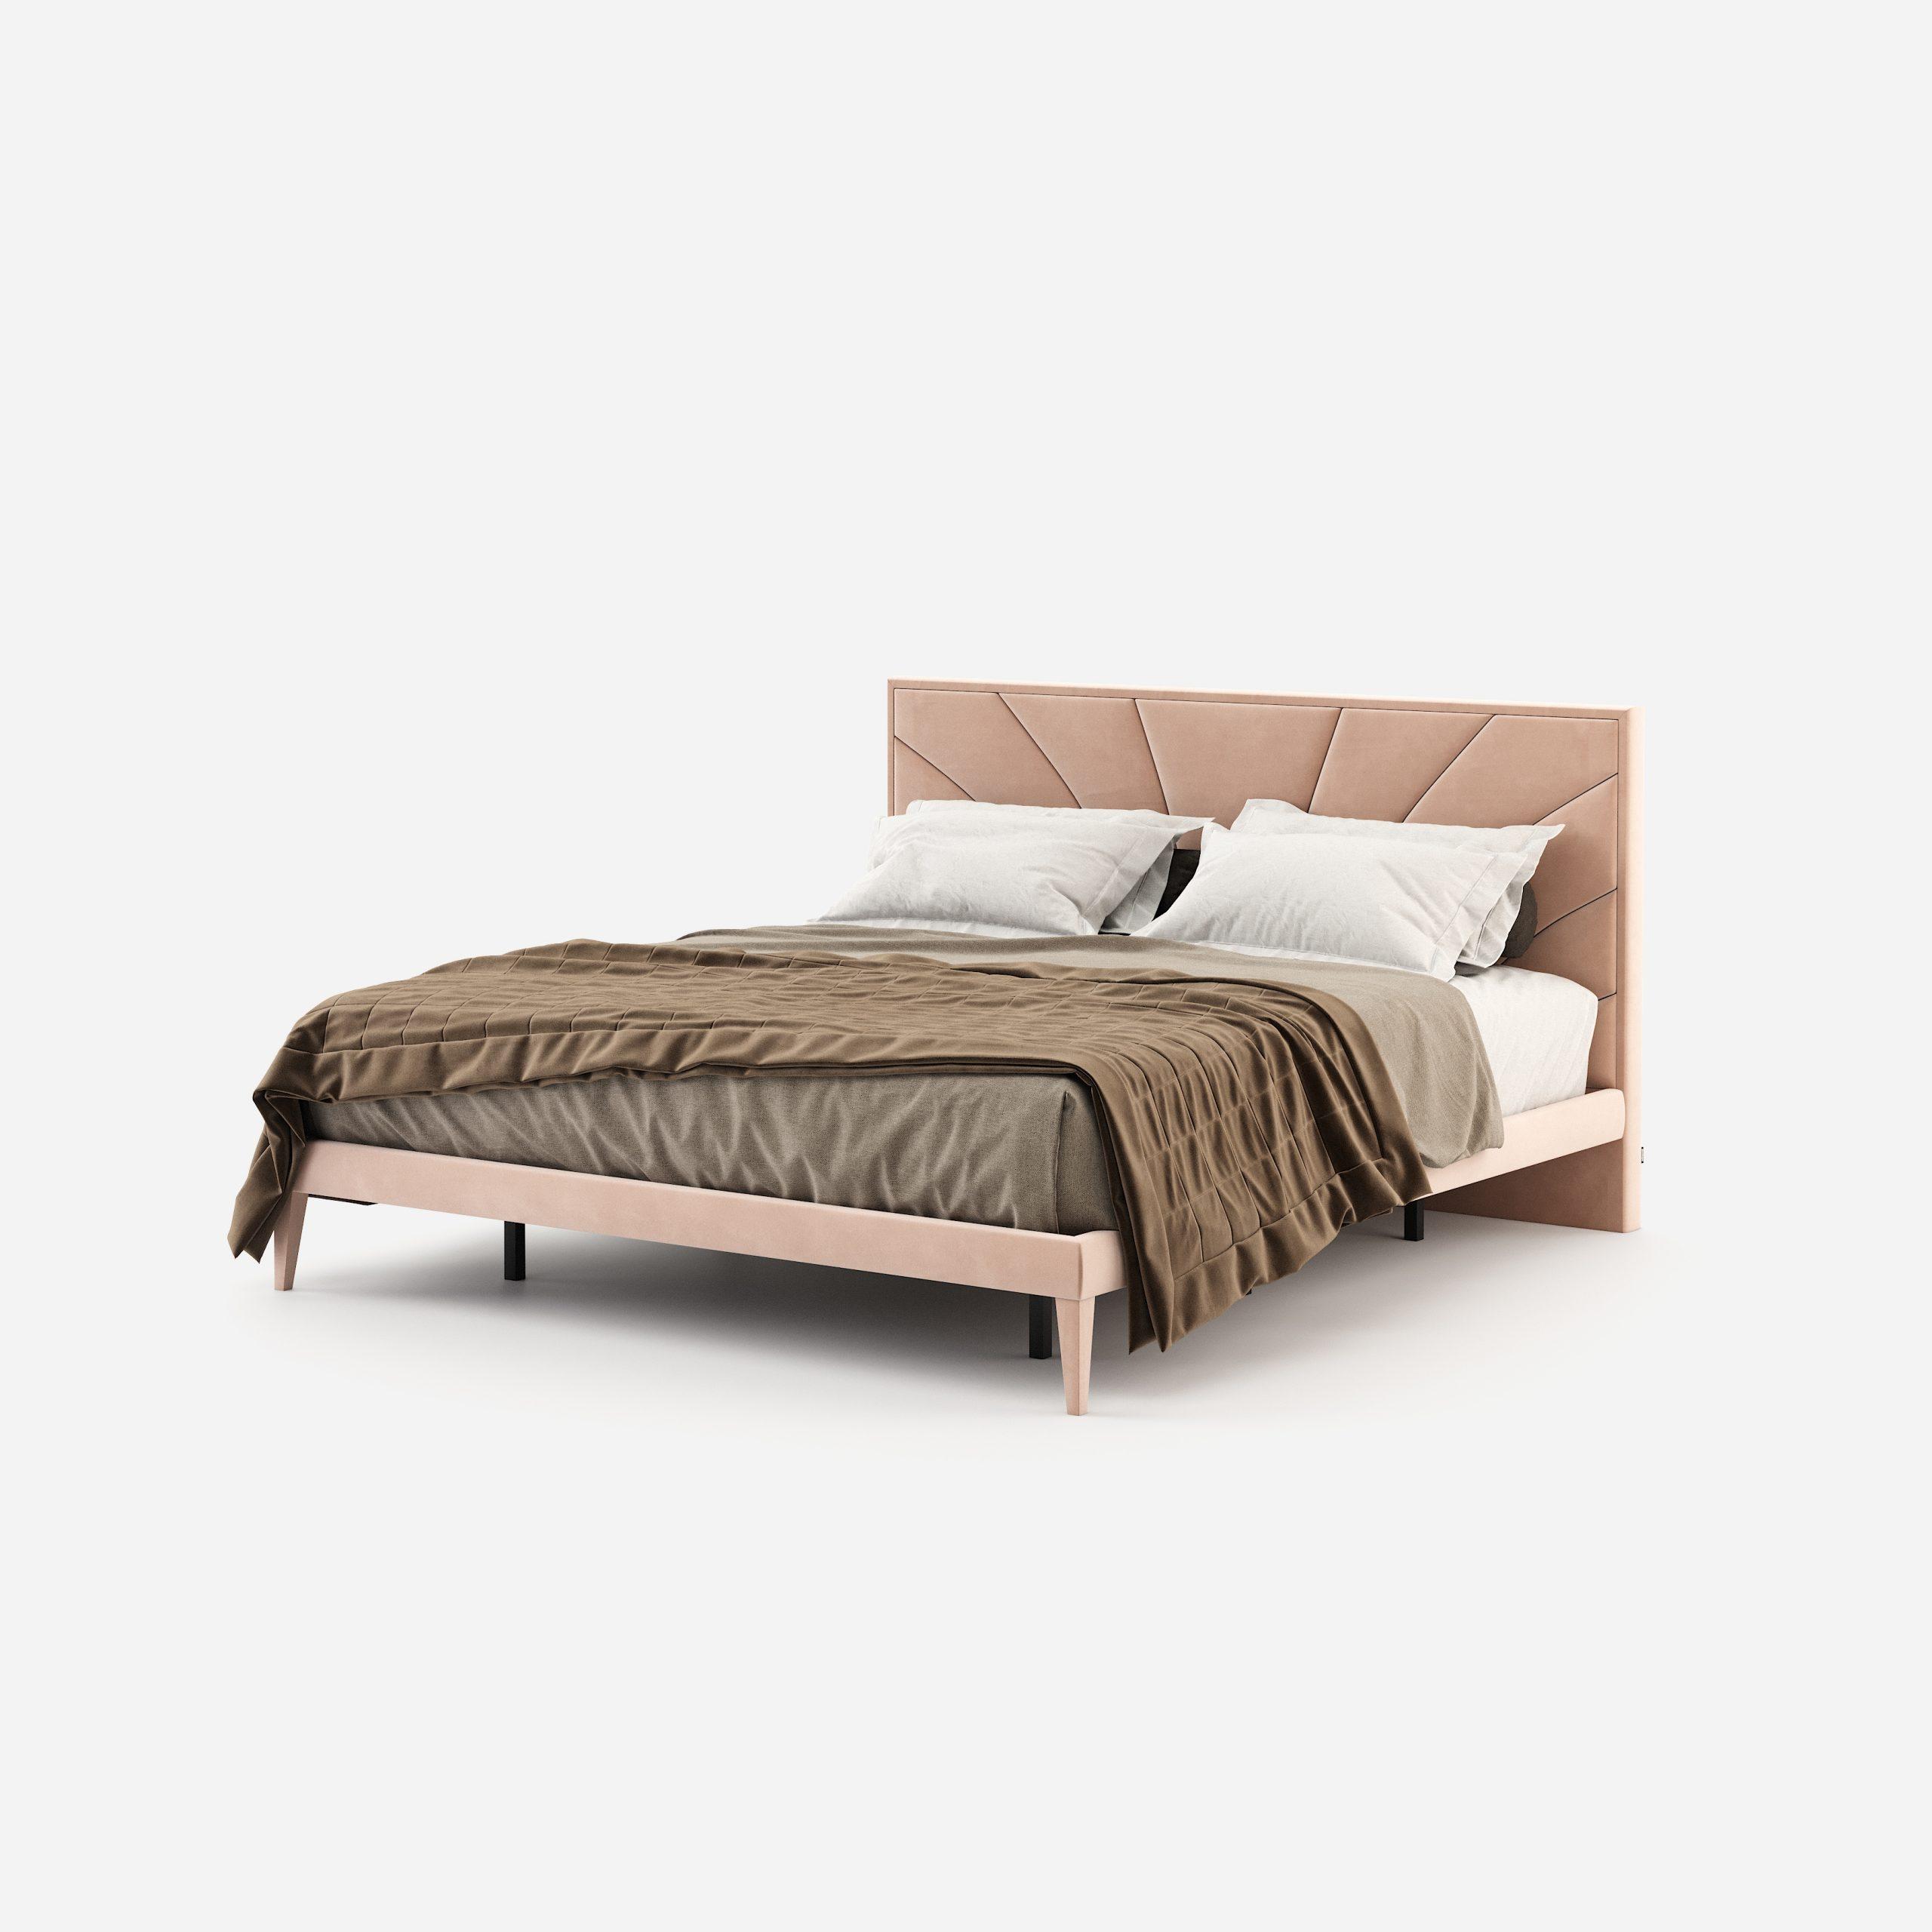 Modernūs miegamojo baldai Concha